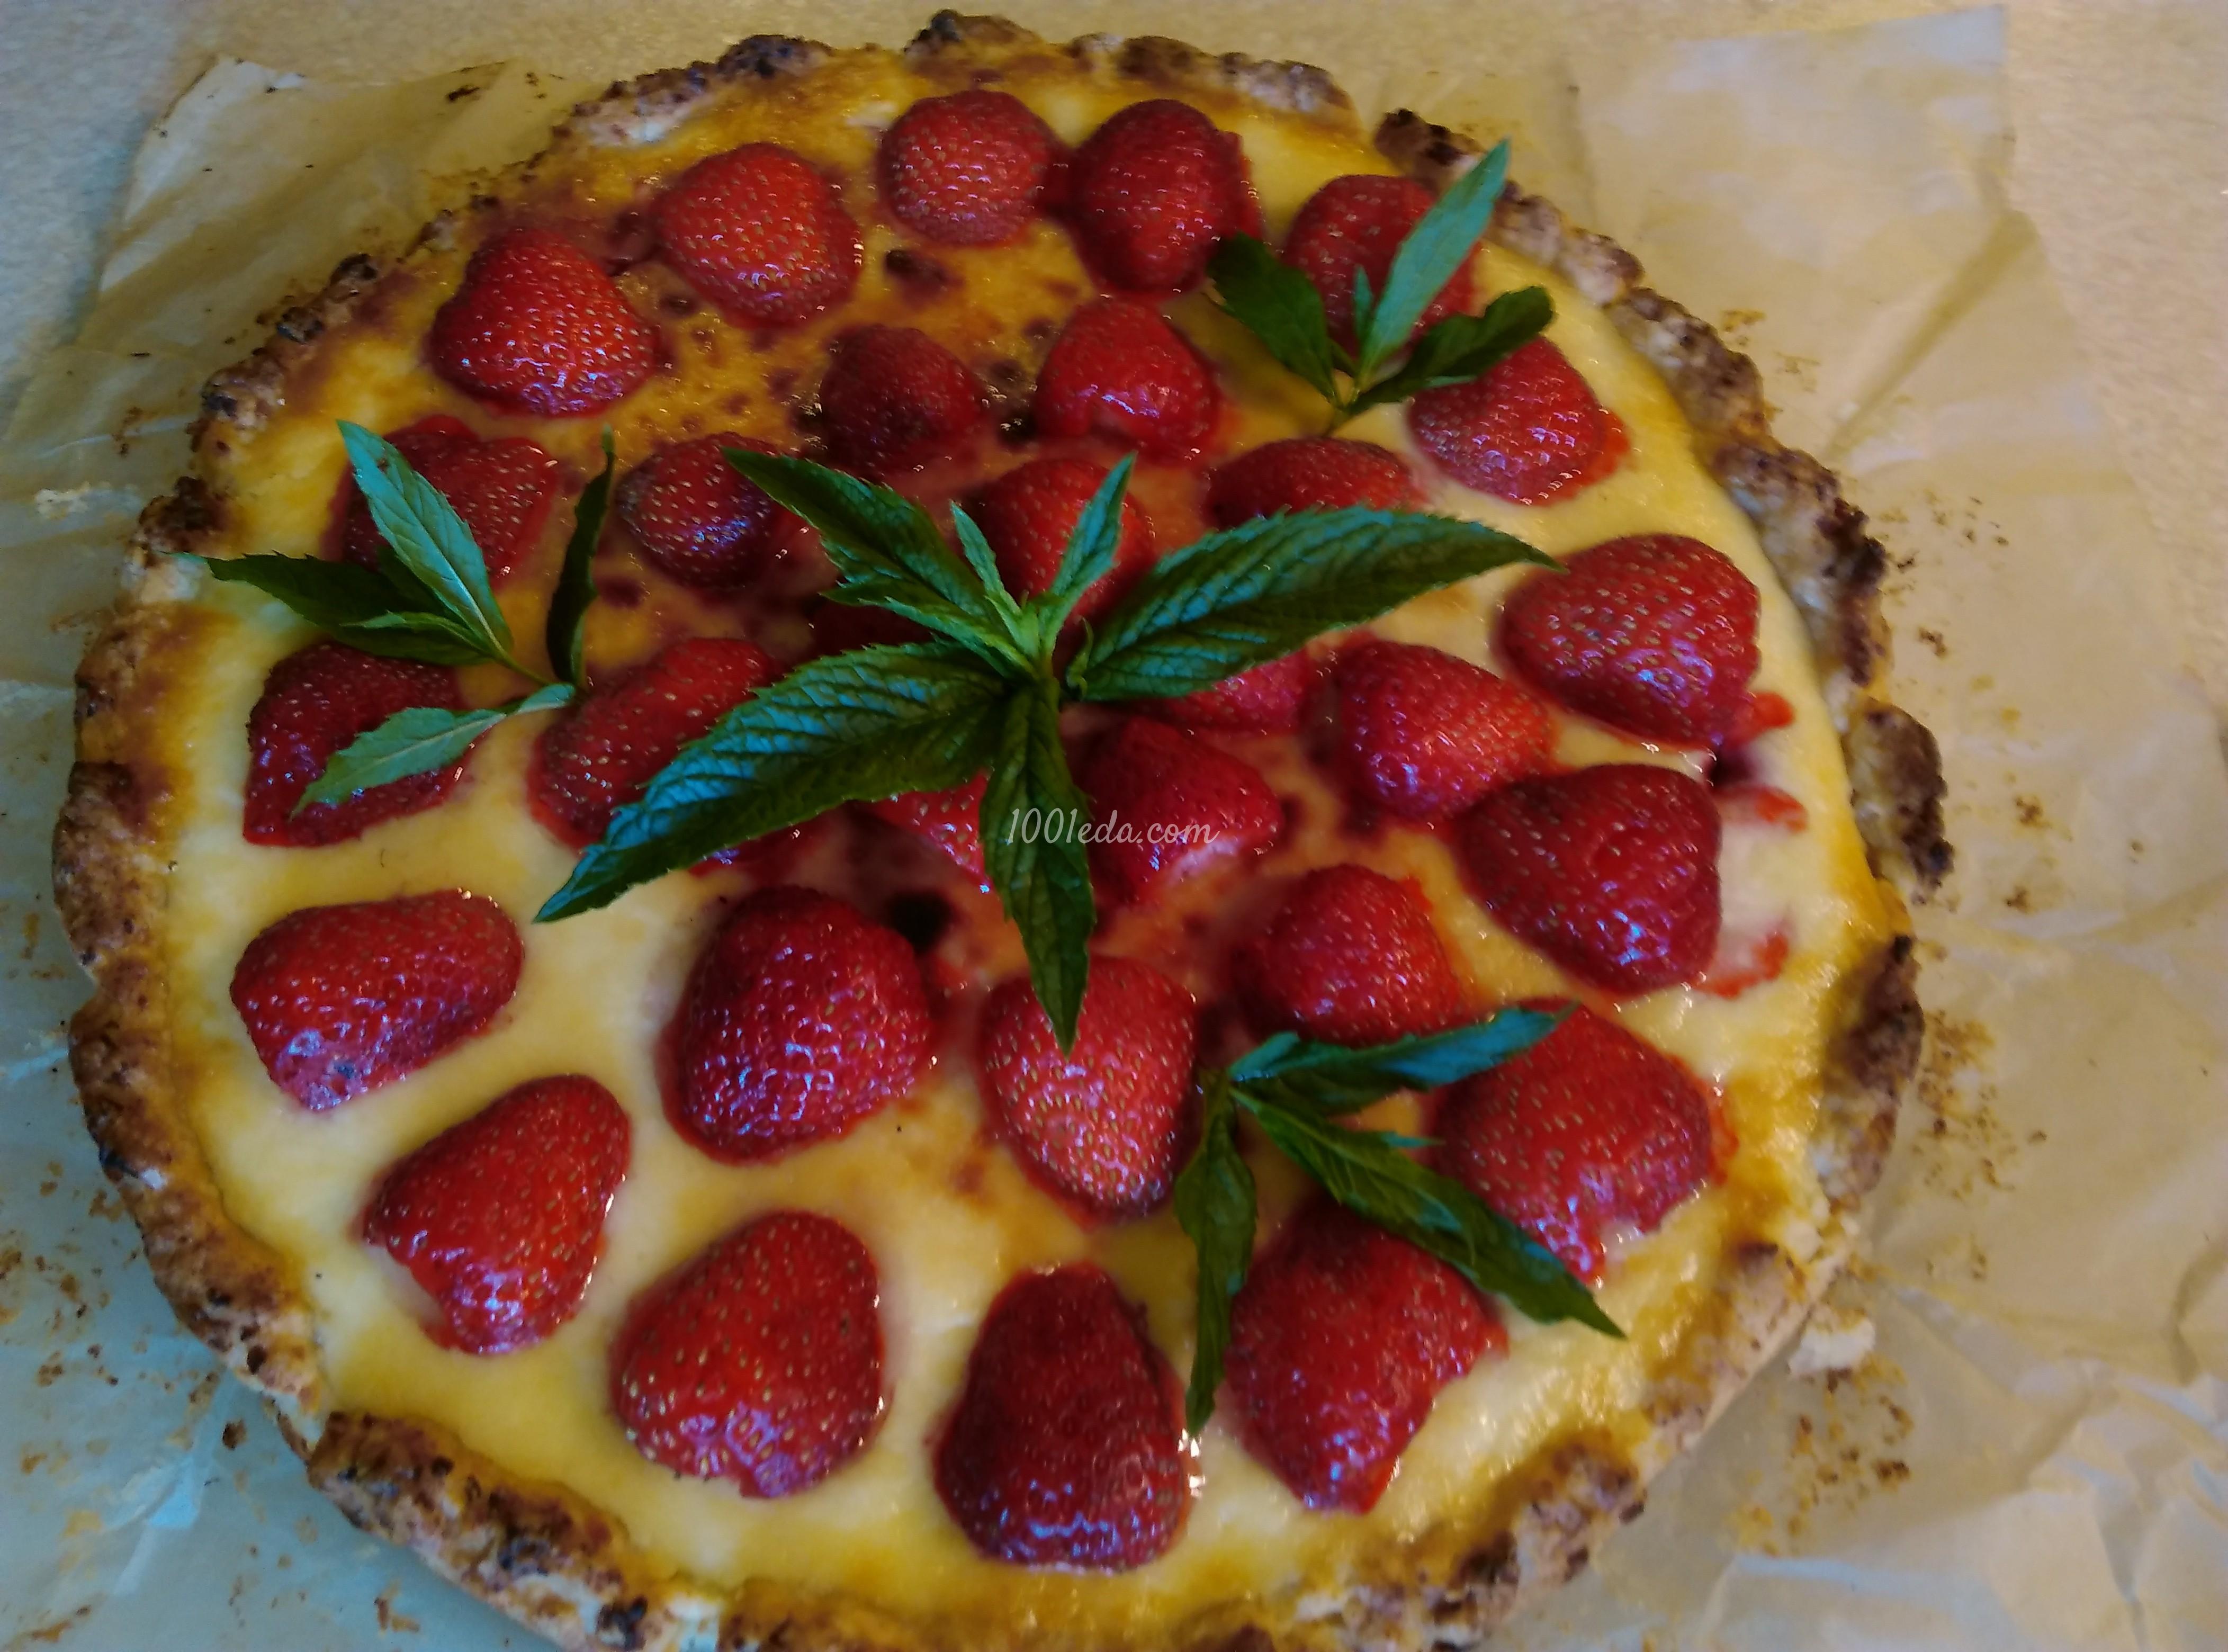 Творожный пирог с клубникой: рецепт с пошаговым фото